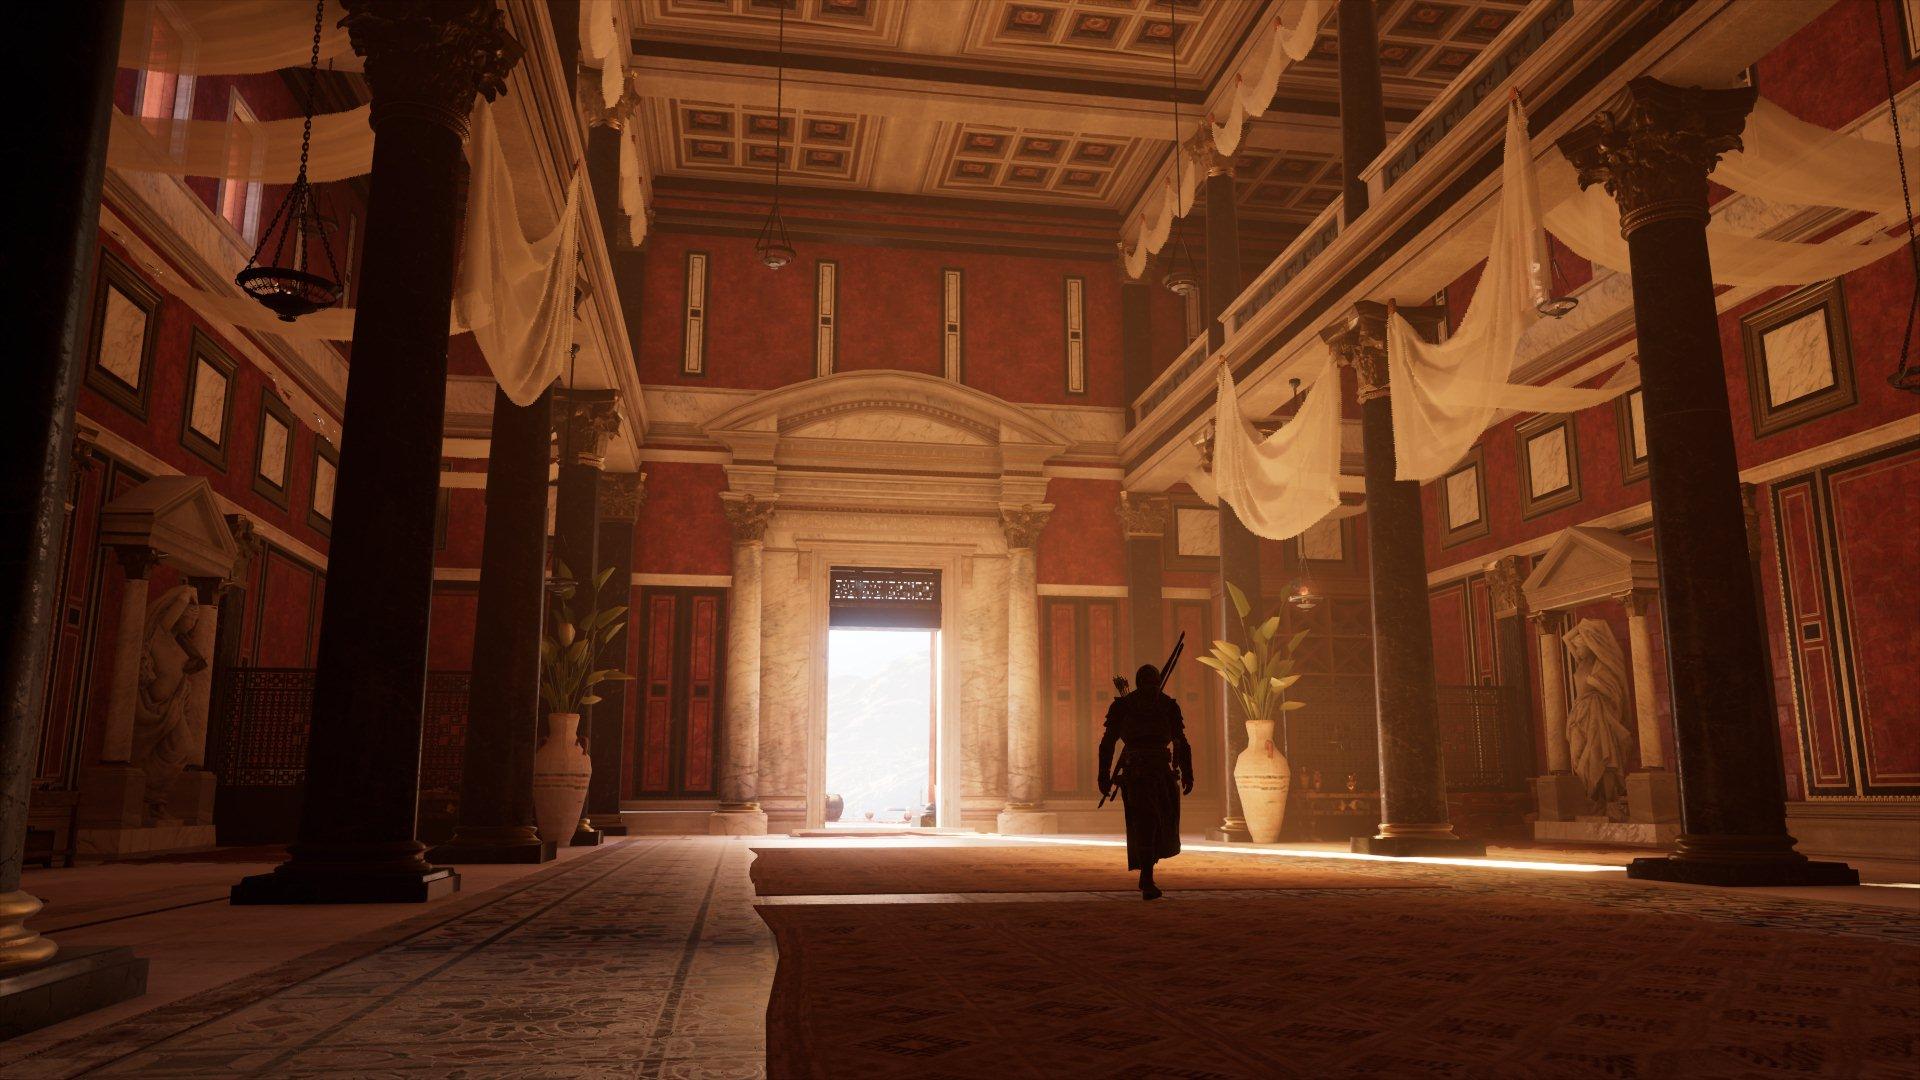 20180219210522.jpg - Assassin's Creed: Origins